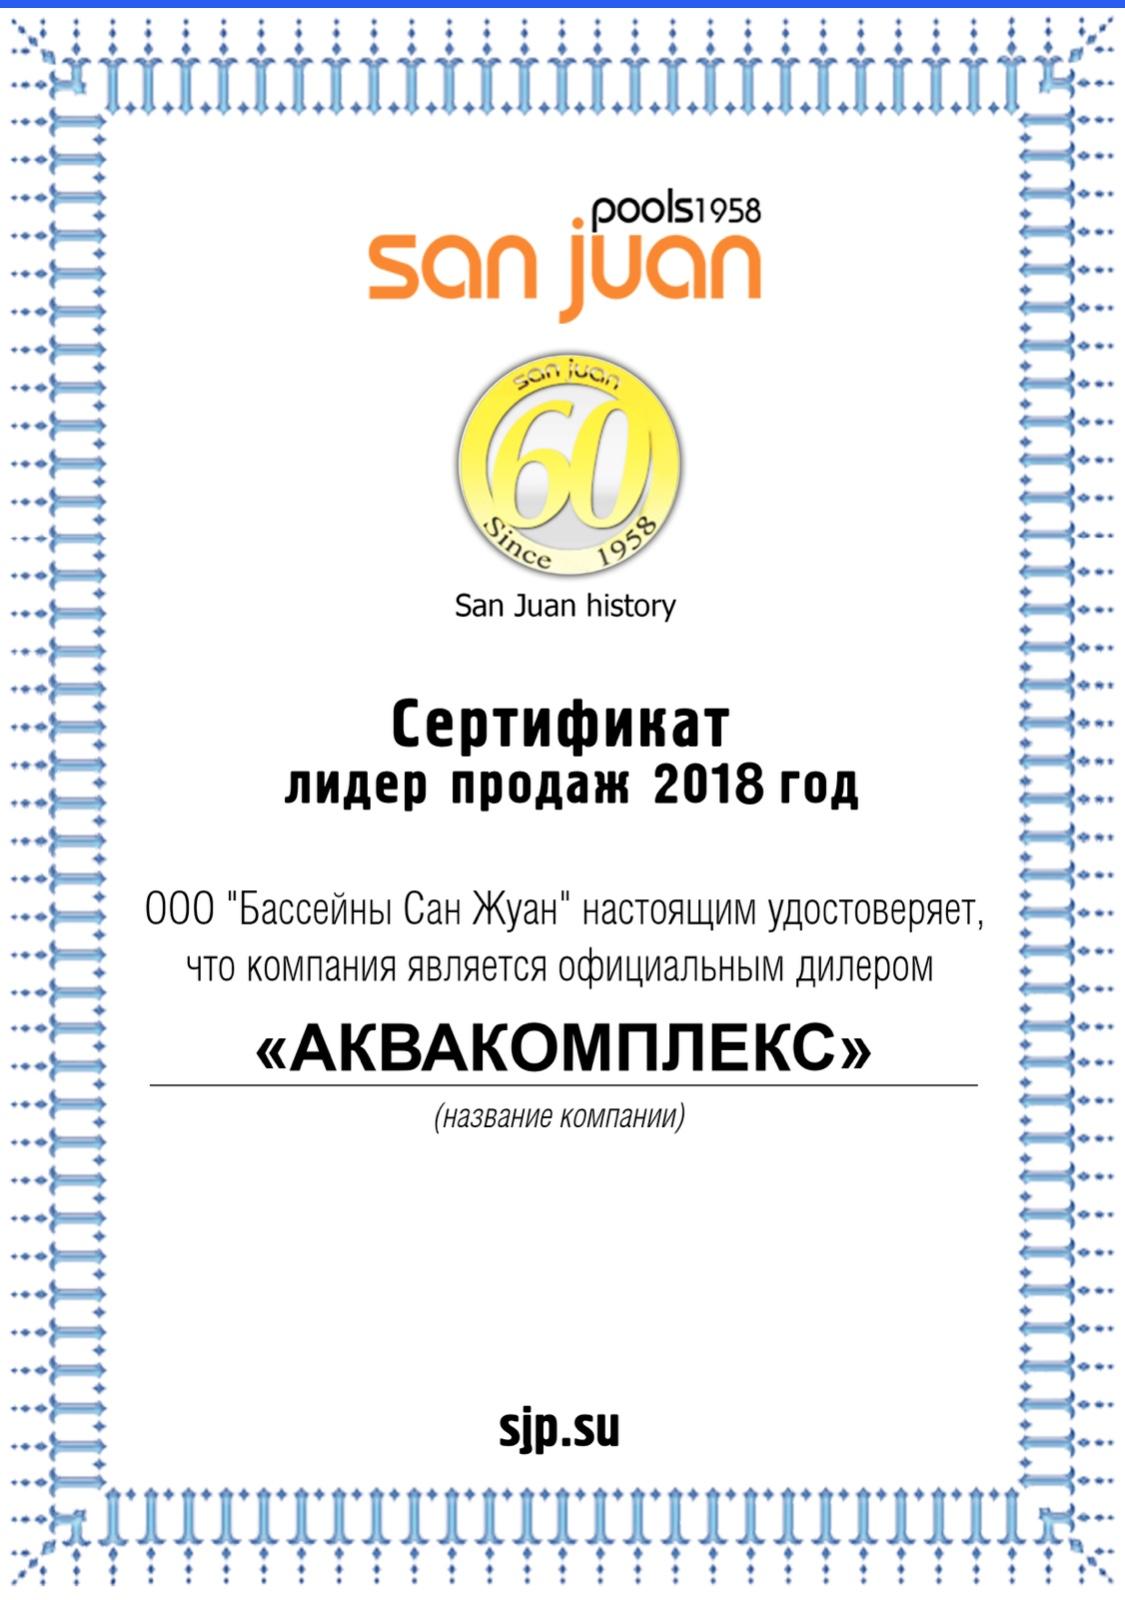 Сертификат SanJuan Лидер продаж